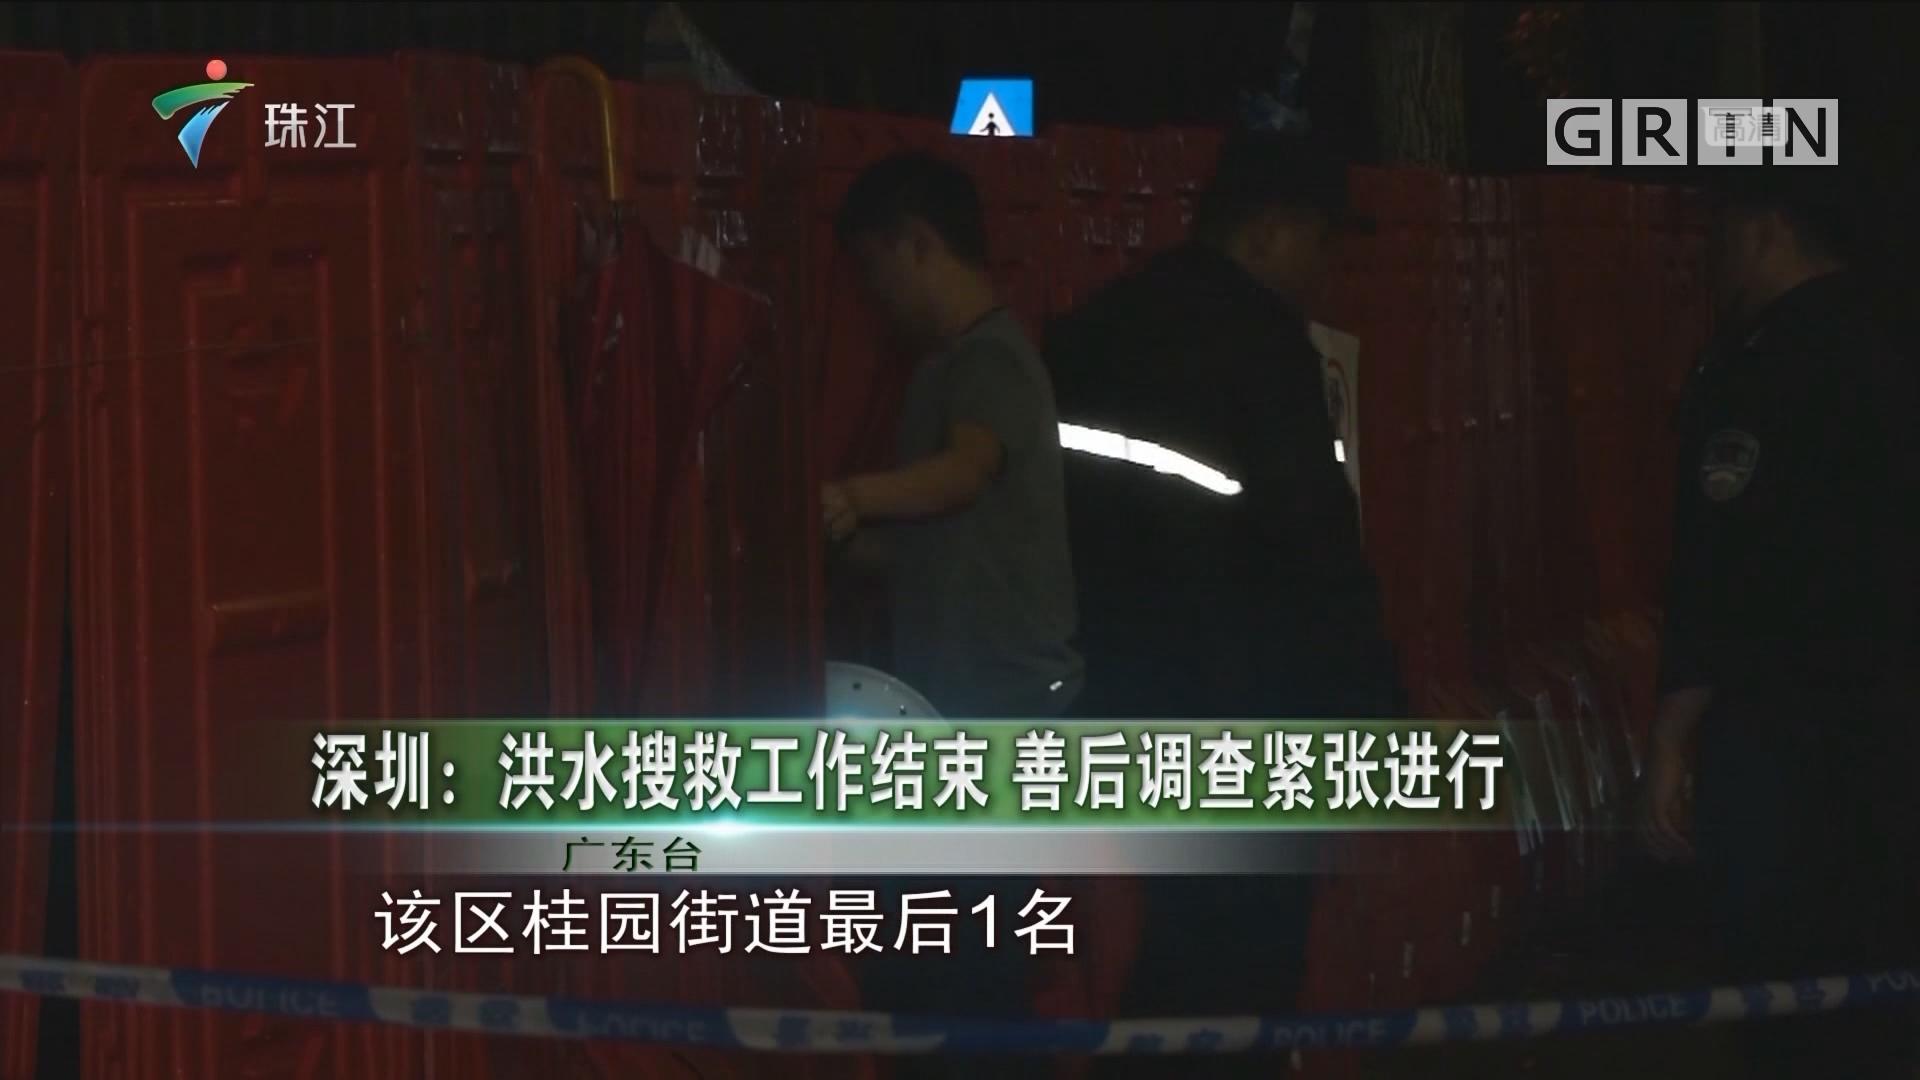 深圳:洪水搜救工作结束 善后调查紧张进行